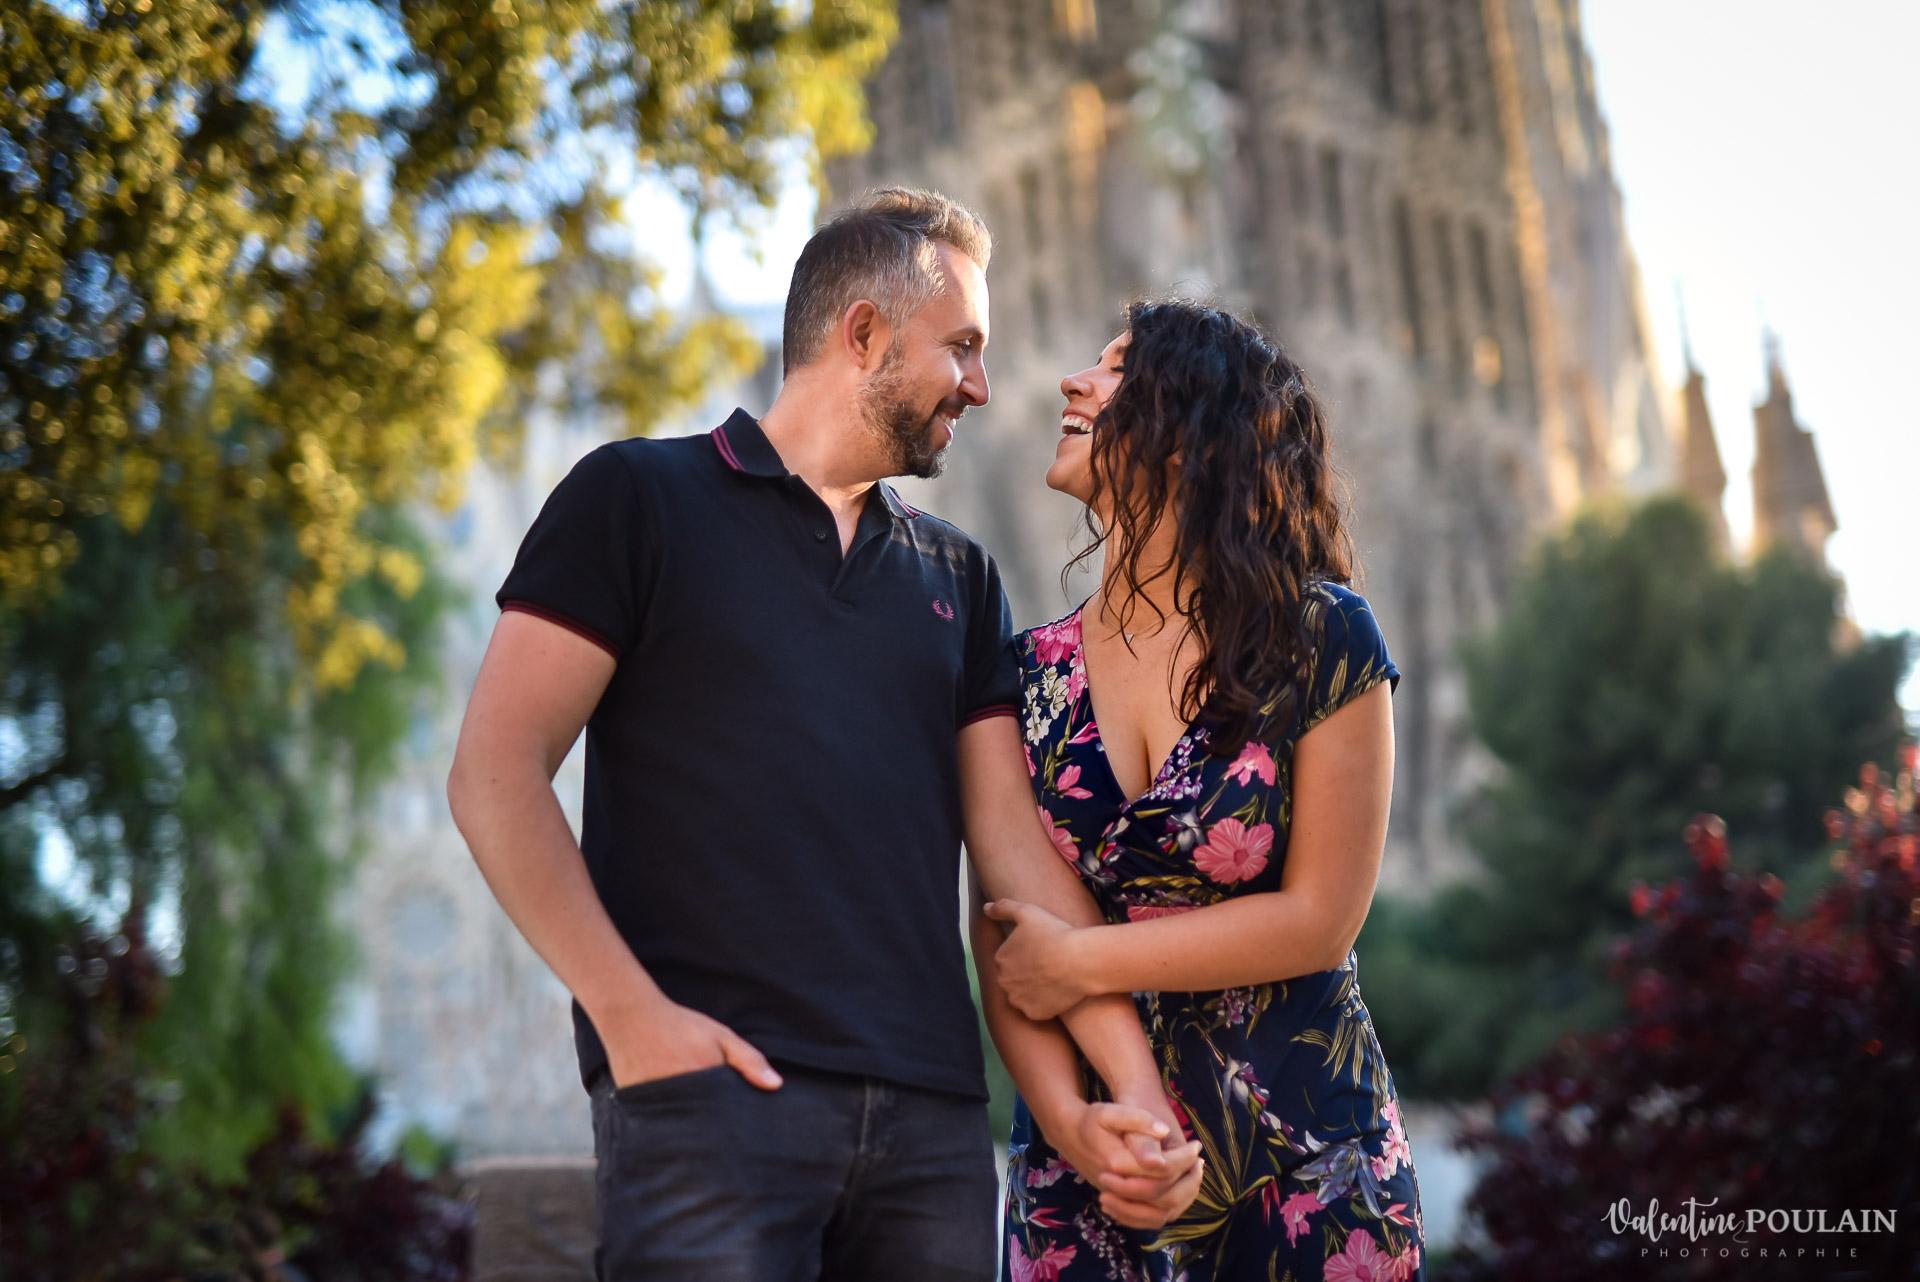 Séance photo couple Barcelone - Valentine Poulain fou rire